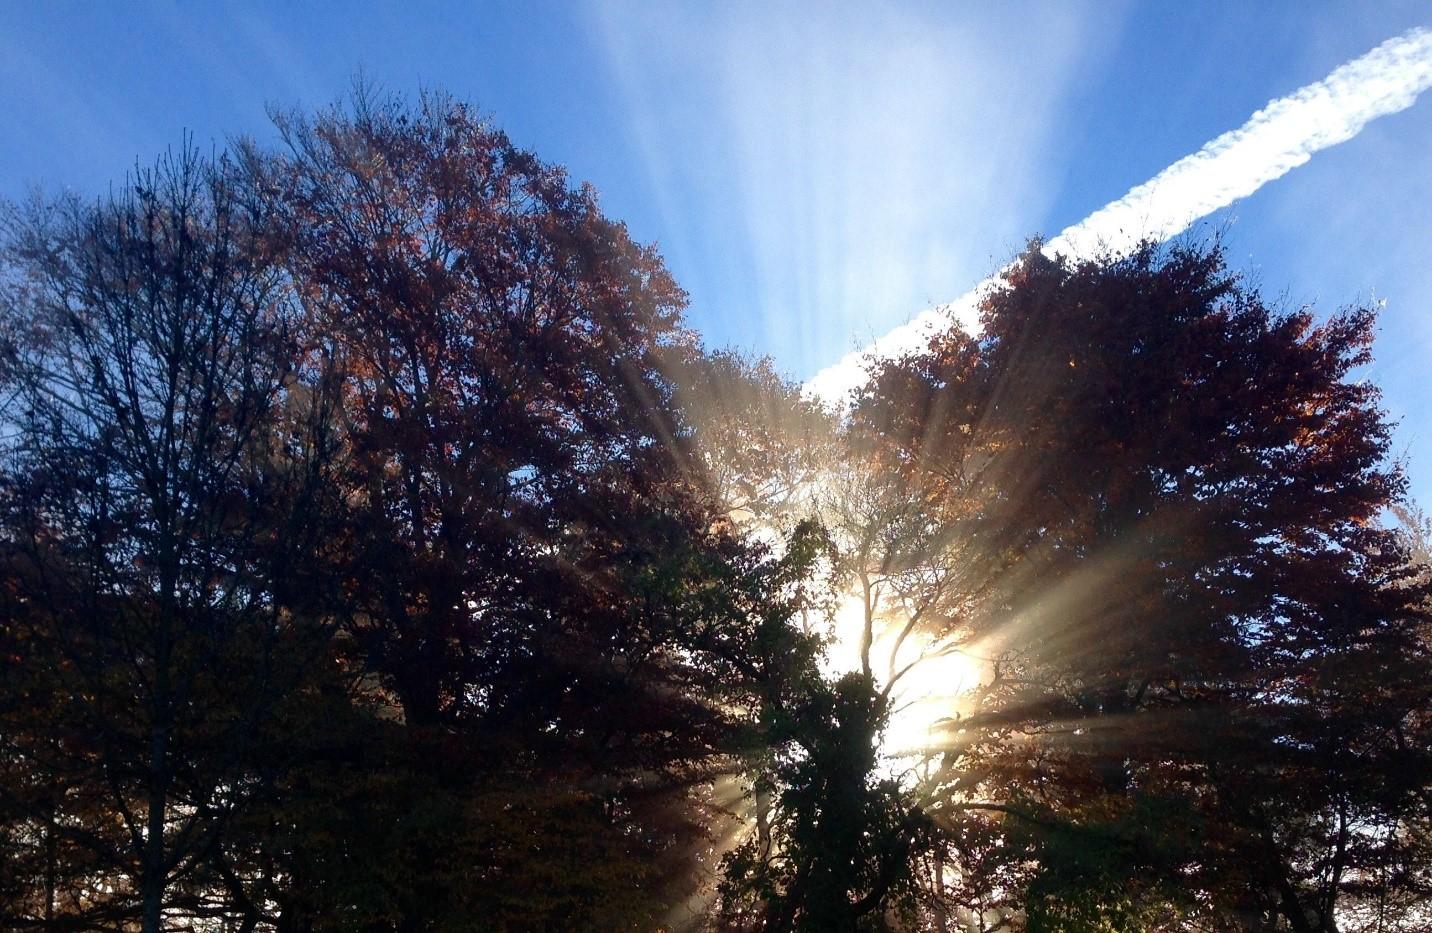 Satellitenbasiertes System quantifiziert Ökosystemleistungen des Waldes